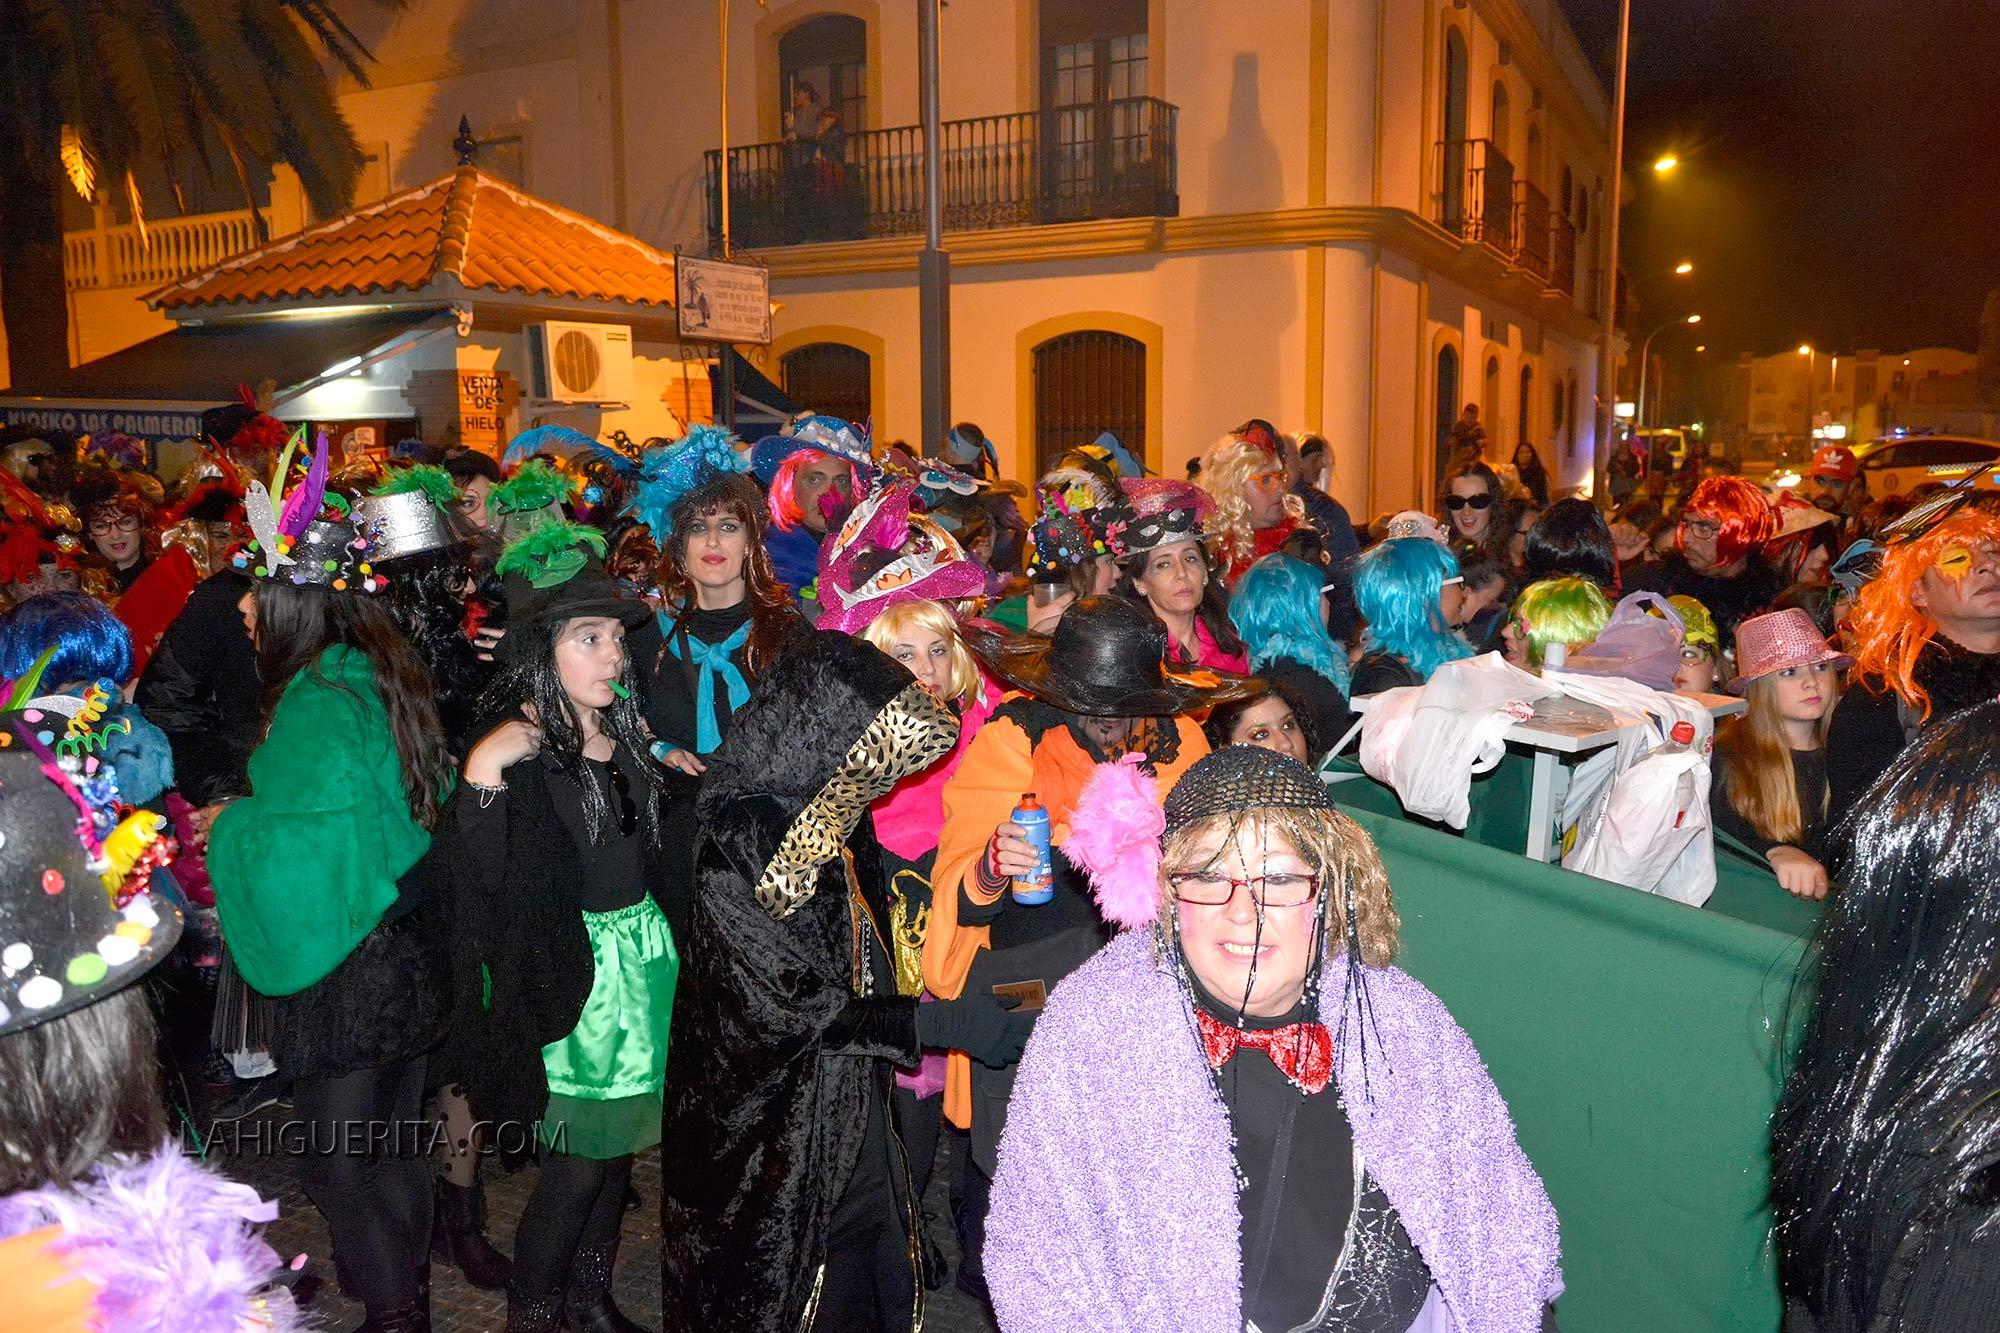 Entierro de la sardina carnaval isla cristina _DSC2286